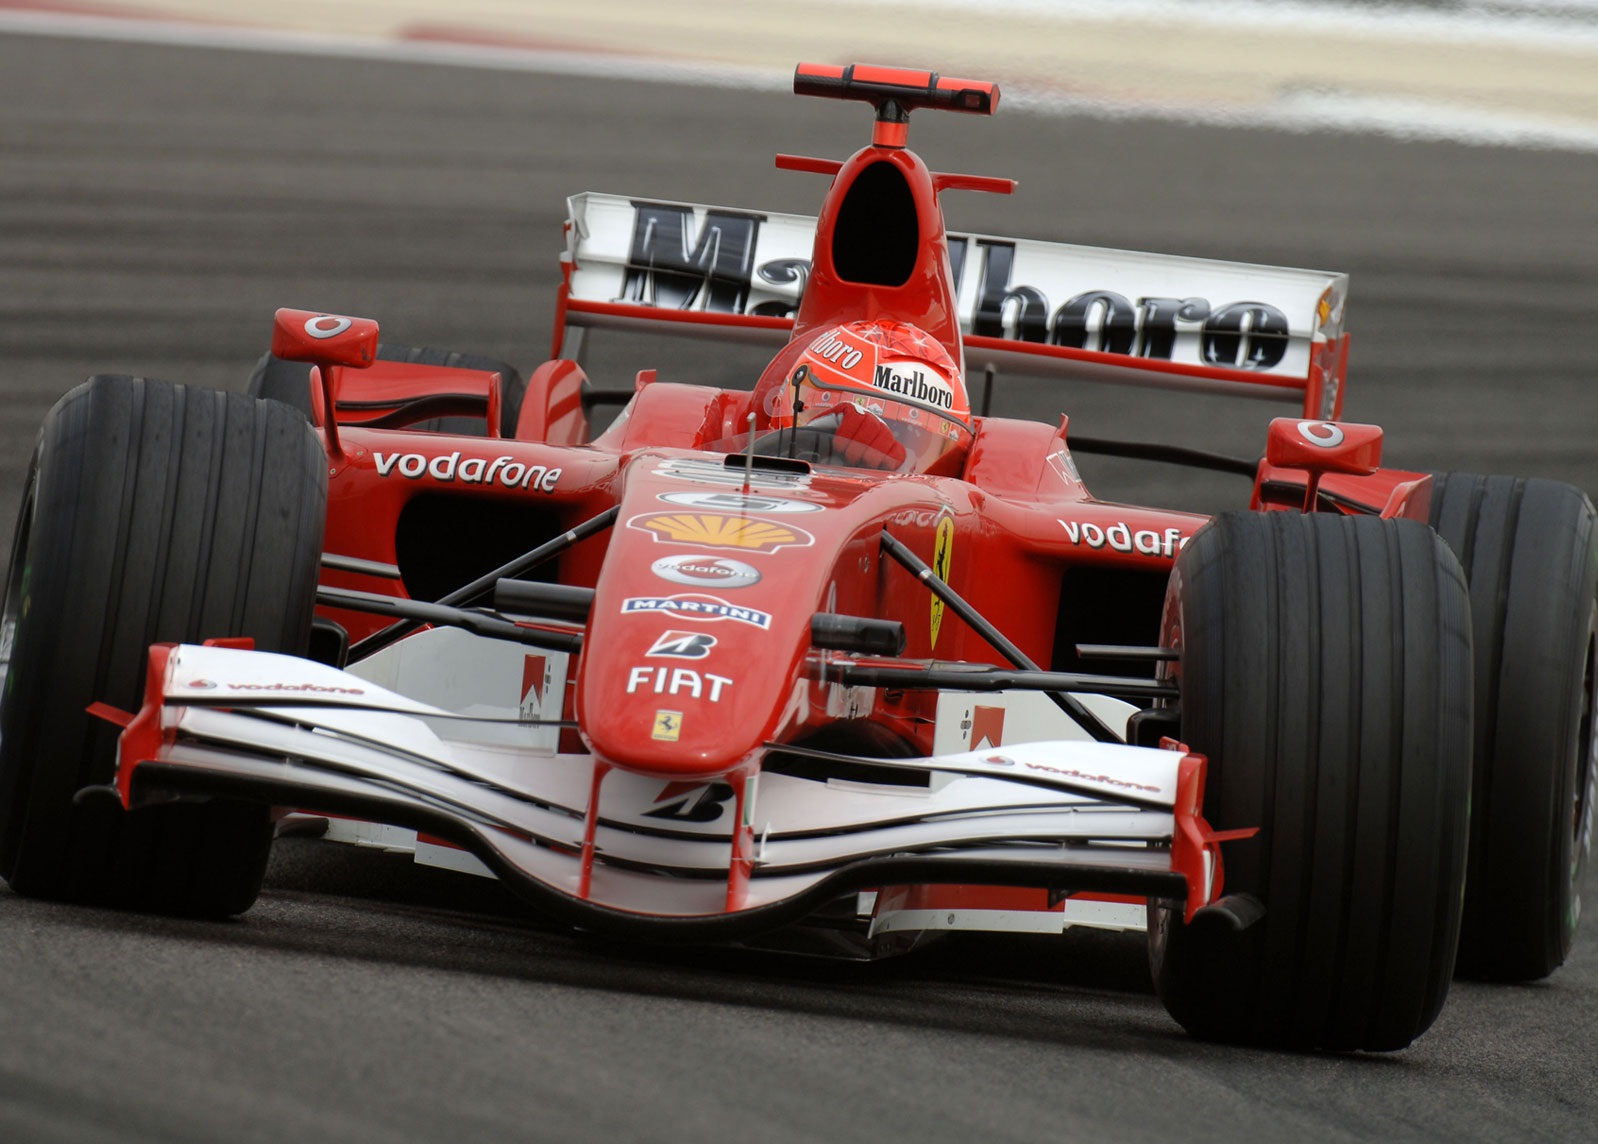 http://1.bp.blogspot.com/-z7WREOdlwUM/TcaVd9mRopI/AAAAAAAAAOk/RUglR27C5vg/s1600/Ferrari_F1_194_1600.jpg